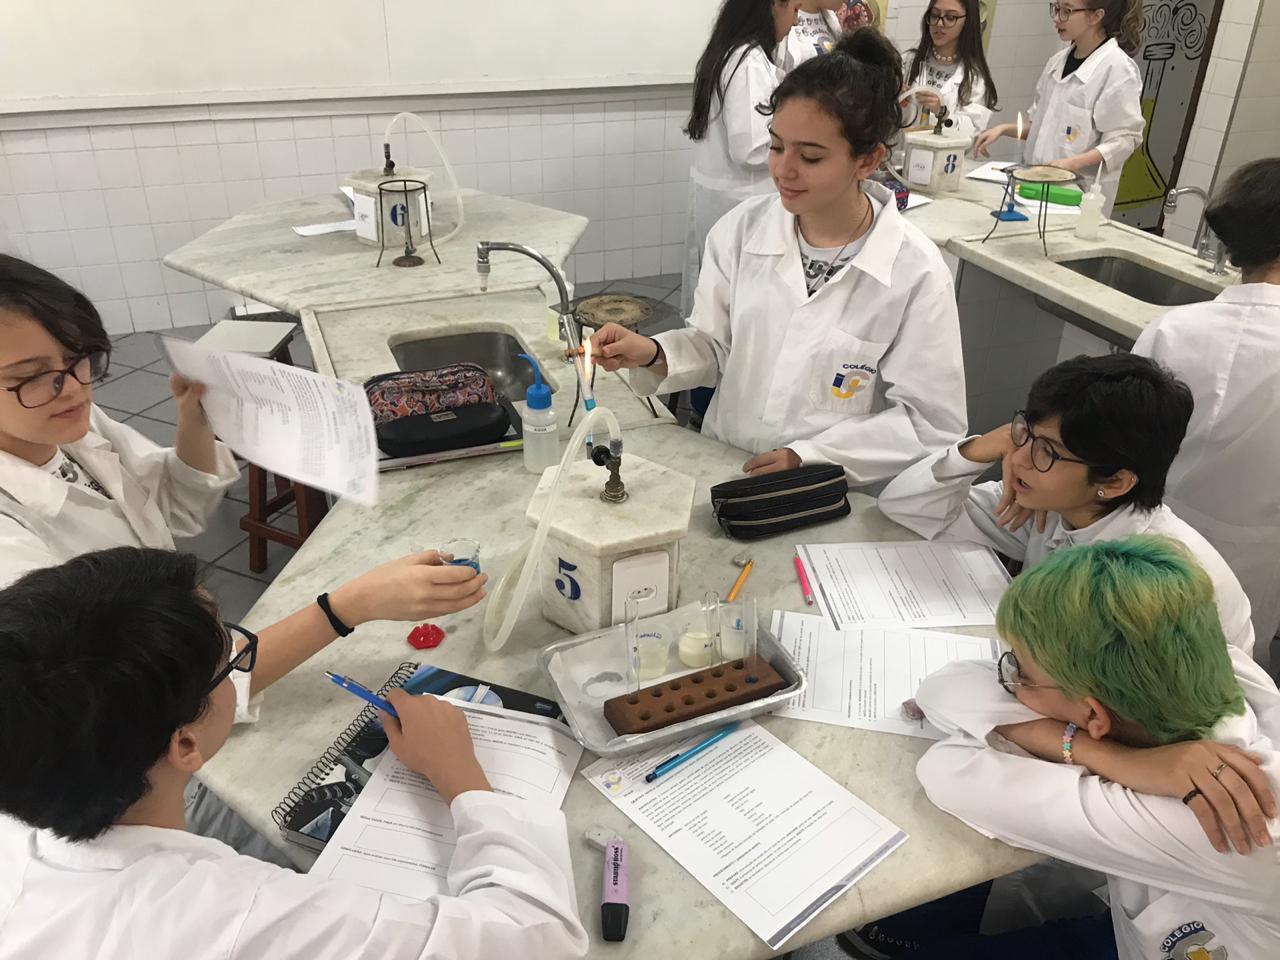 O laboratório de ciências e a aprendizagem prática